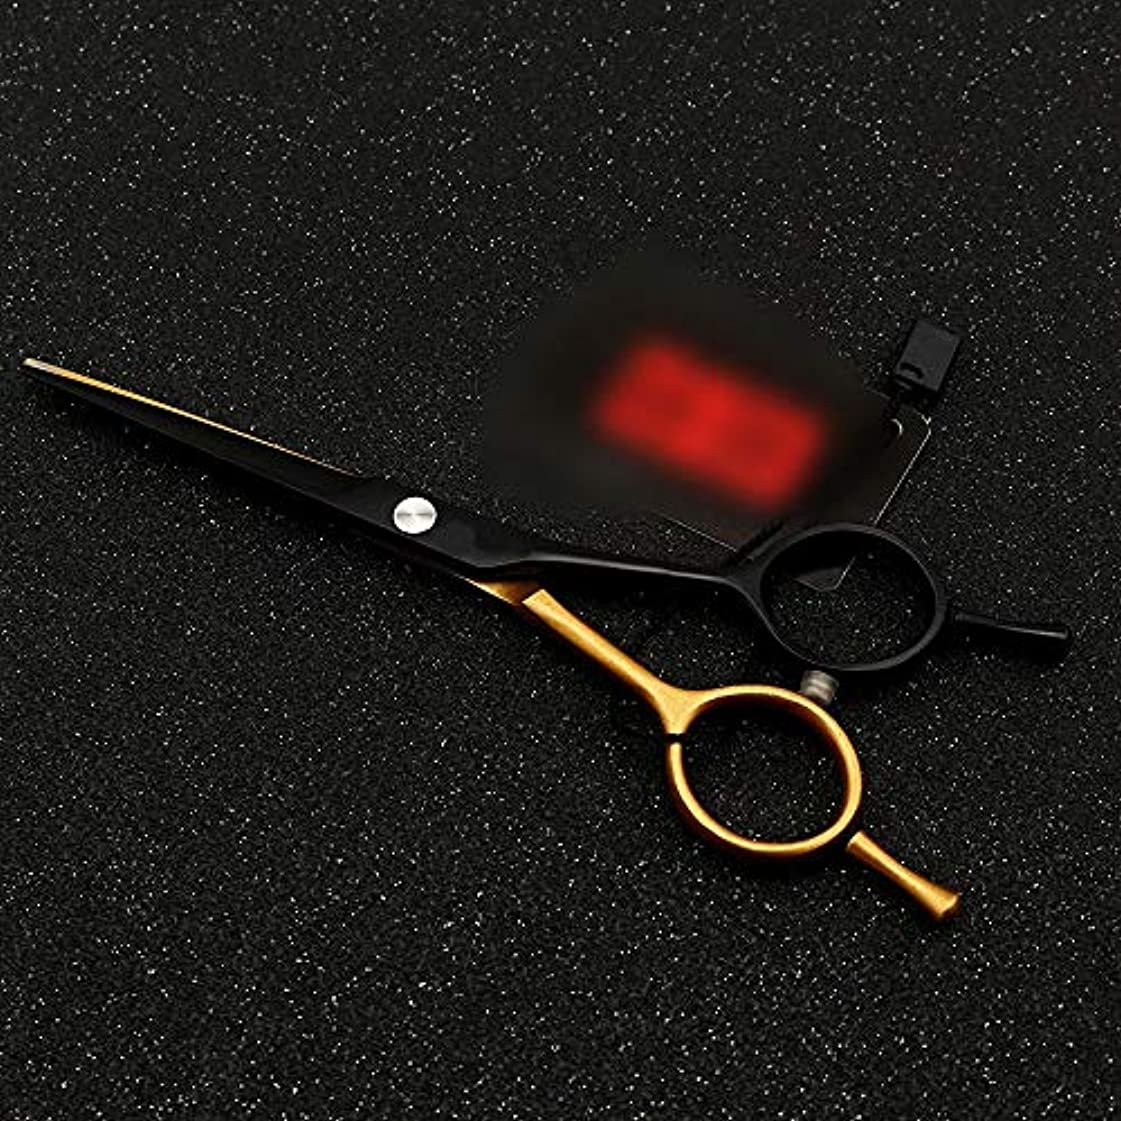 不正確誇り寝てる5.5インチのパーソナライズされた散髪はさみ、平らなせん断+歯シザーAワードシザーセット モデリングツール (色 : Gold black)